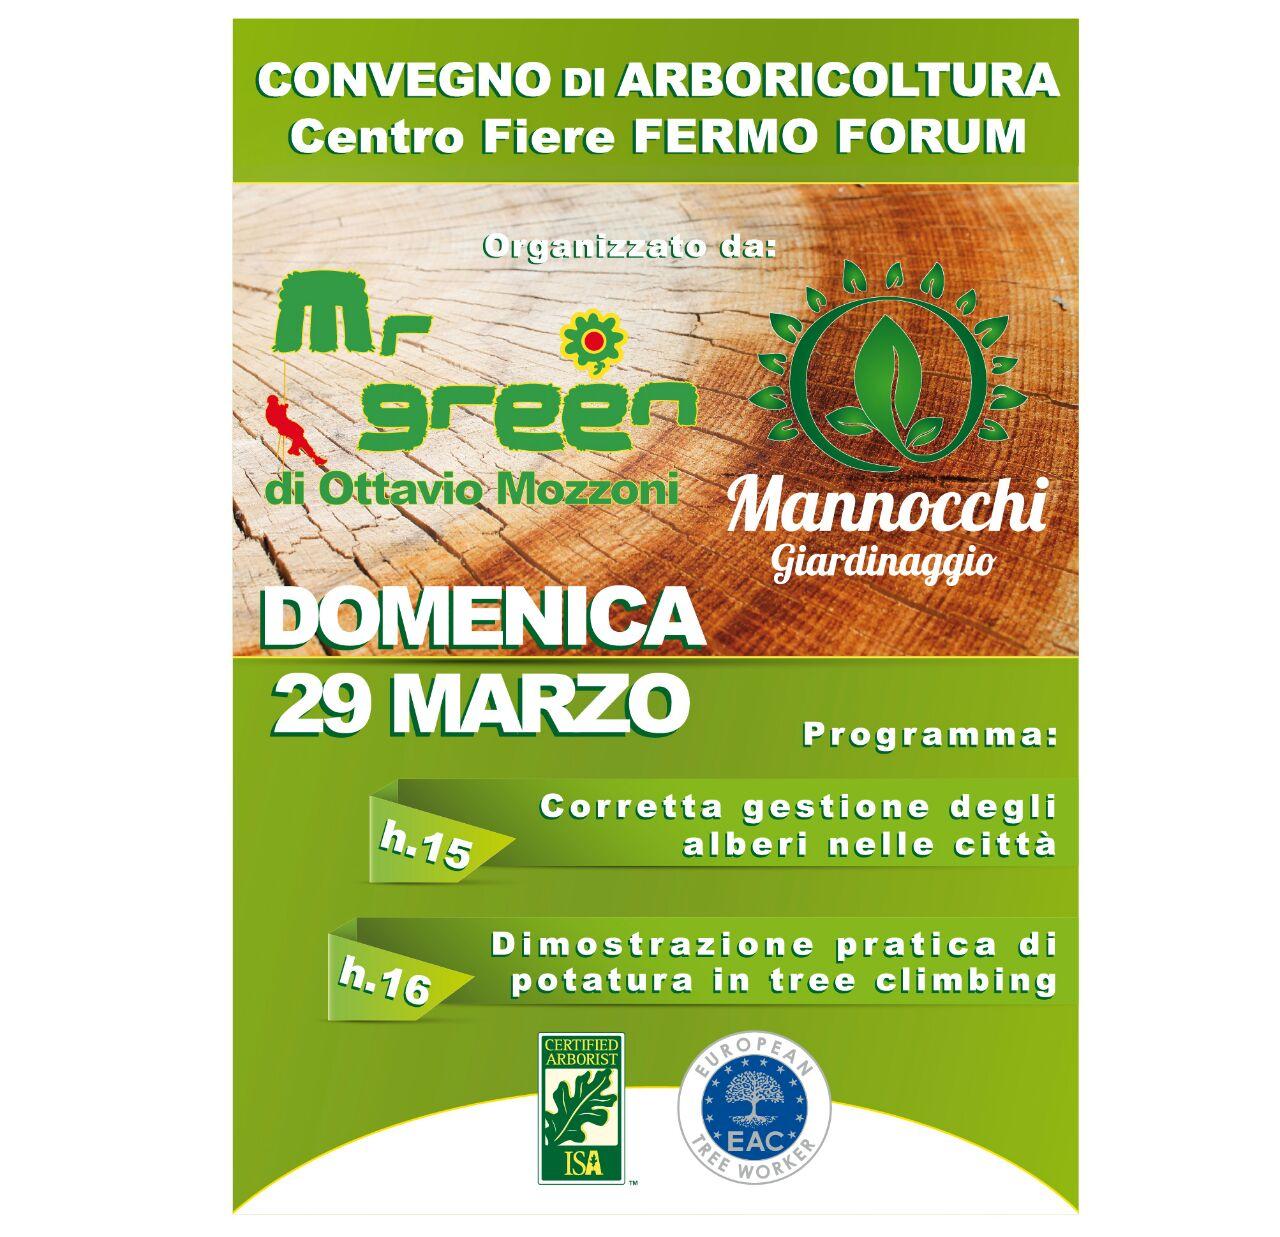 Convegno Fiera Verde Fermo 2015